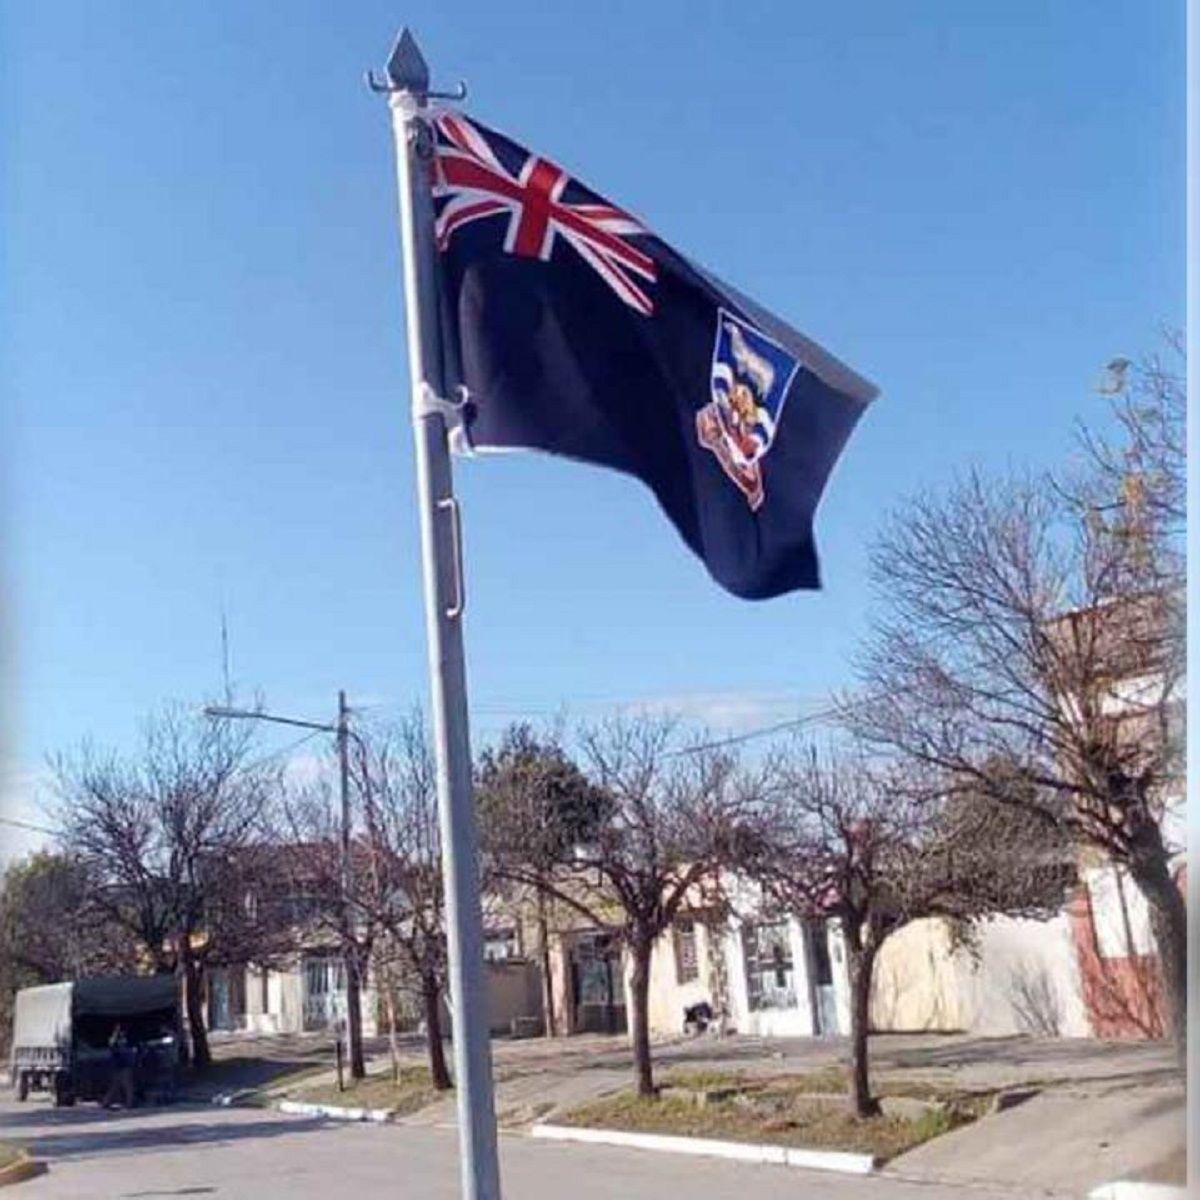 La bandera que flameaba en el acto por el Dïa de la Independencia